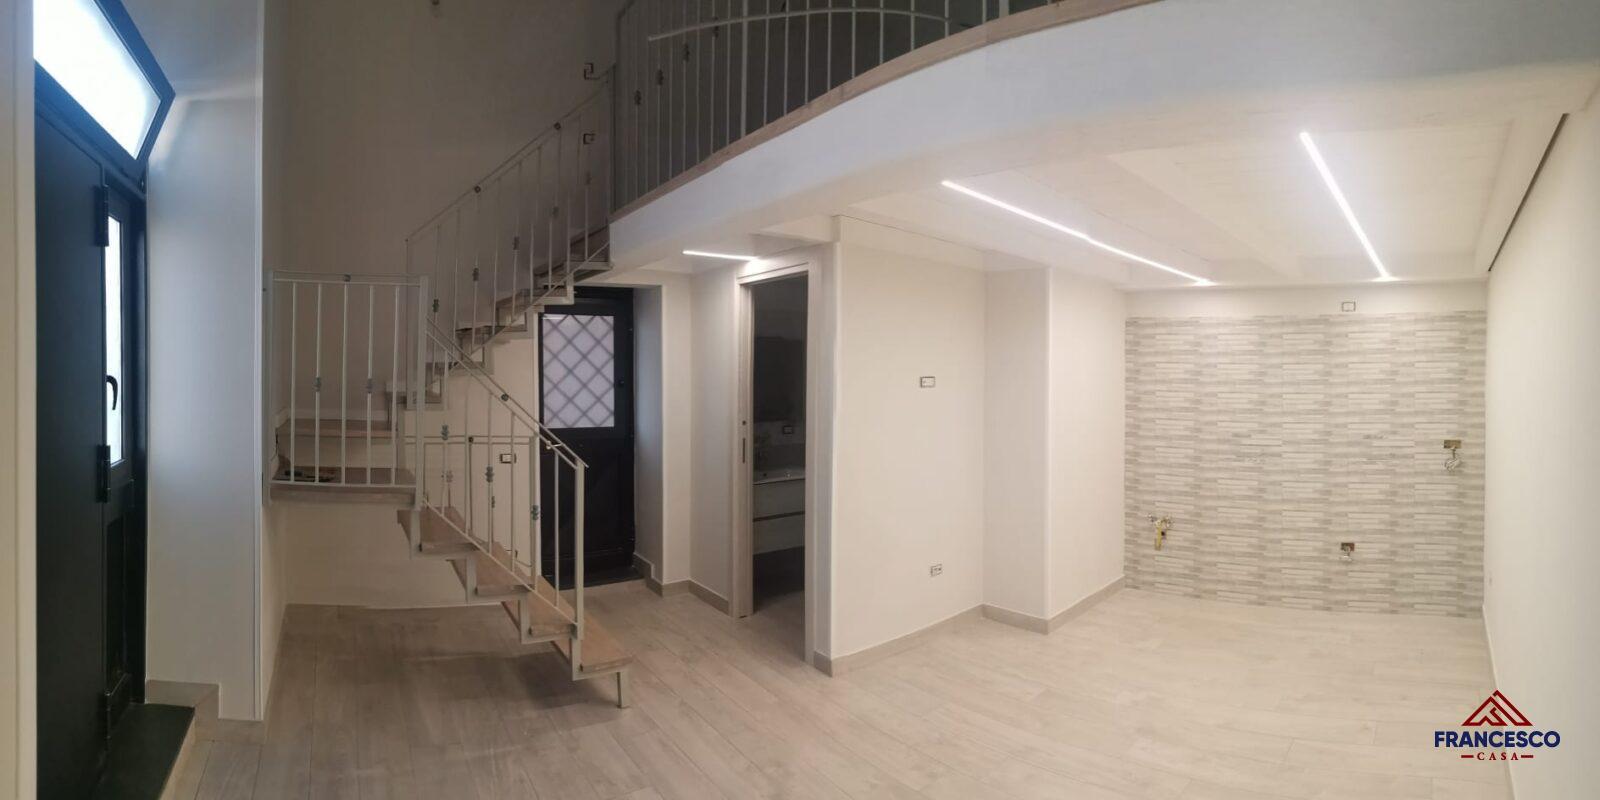 Appartamento in vendita ad Angri Via Dei Goti